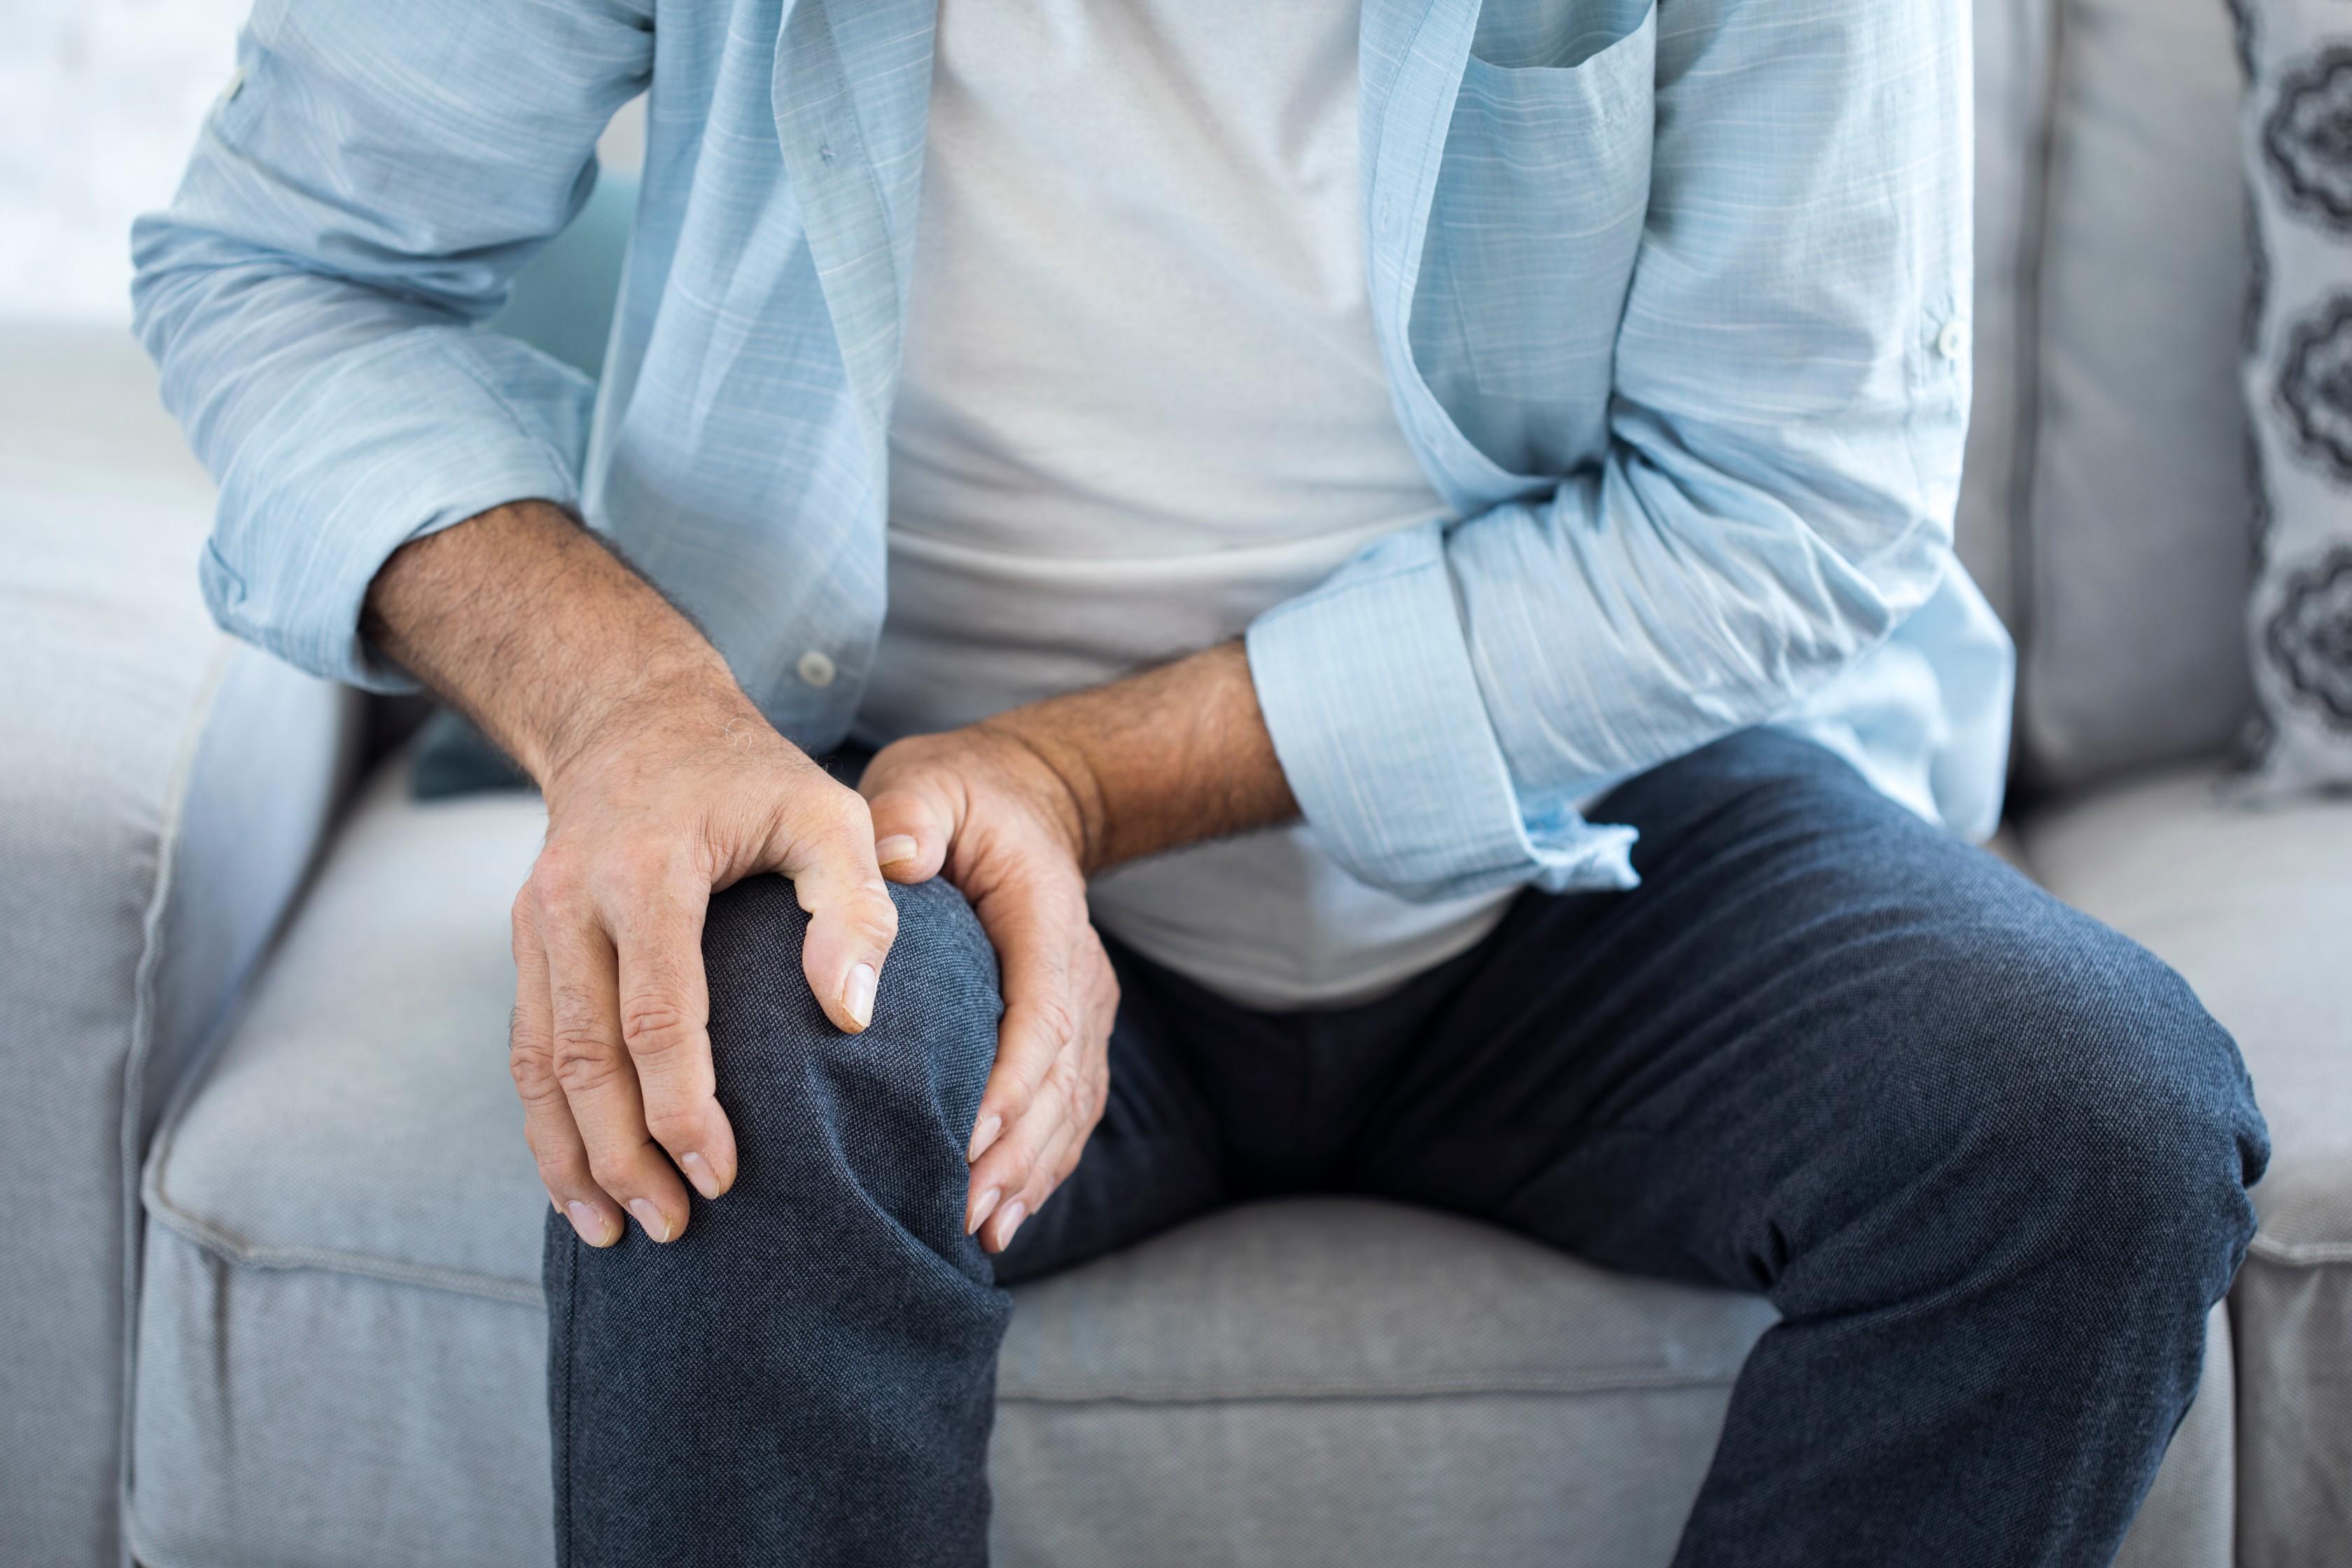 Izületi gyulladás, egyéb fájdalmak